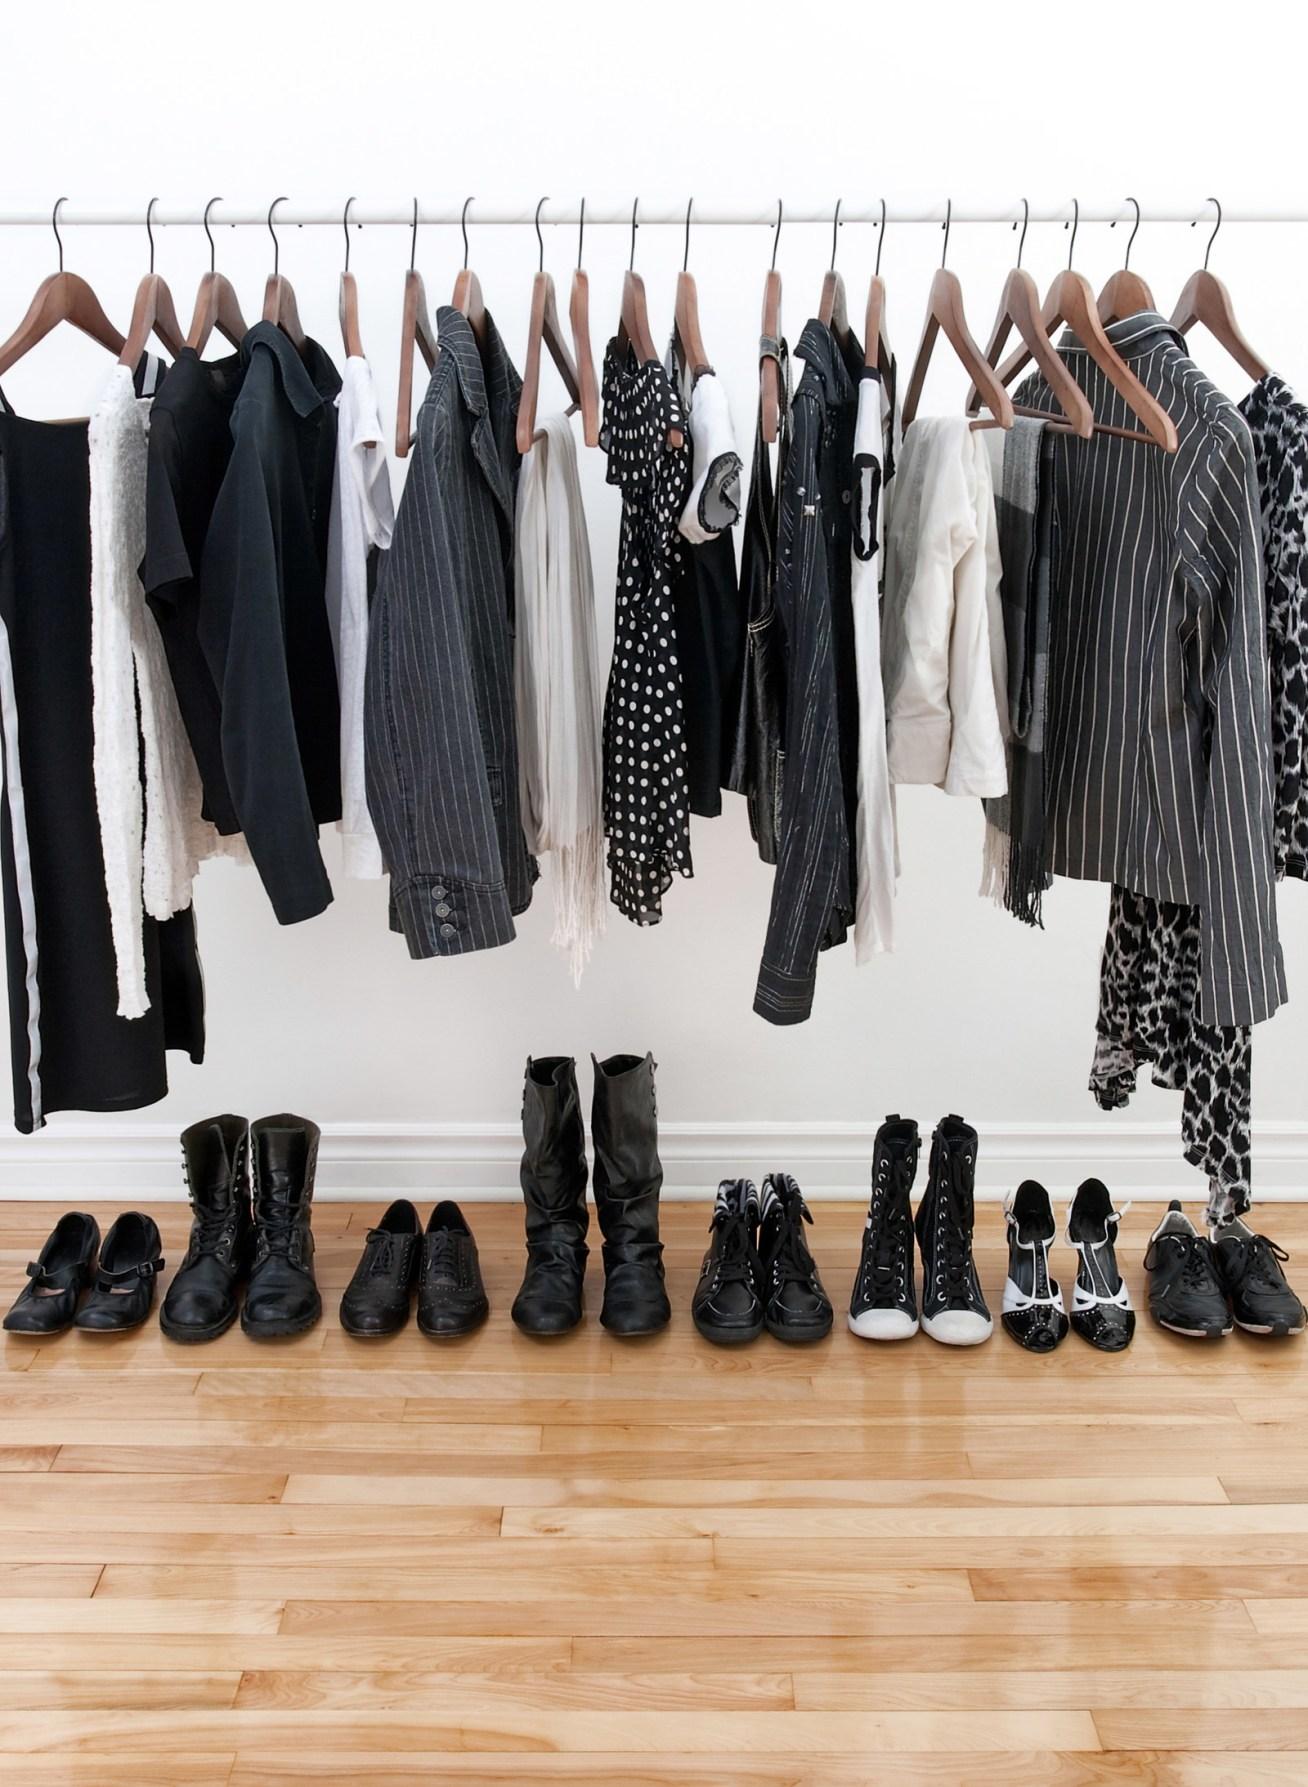 Para que todo quede en armonía, mantén un color monocromático en la ropa que cuelgas, y los zapatos alínealos ordenadamente como en la foto.